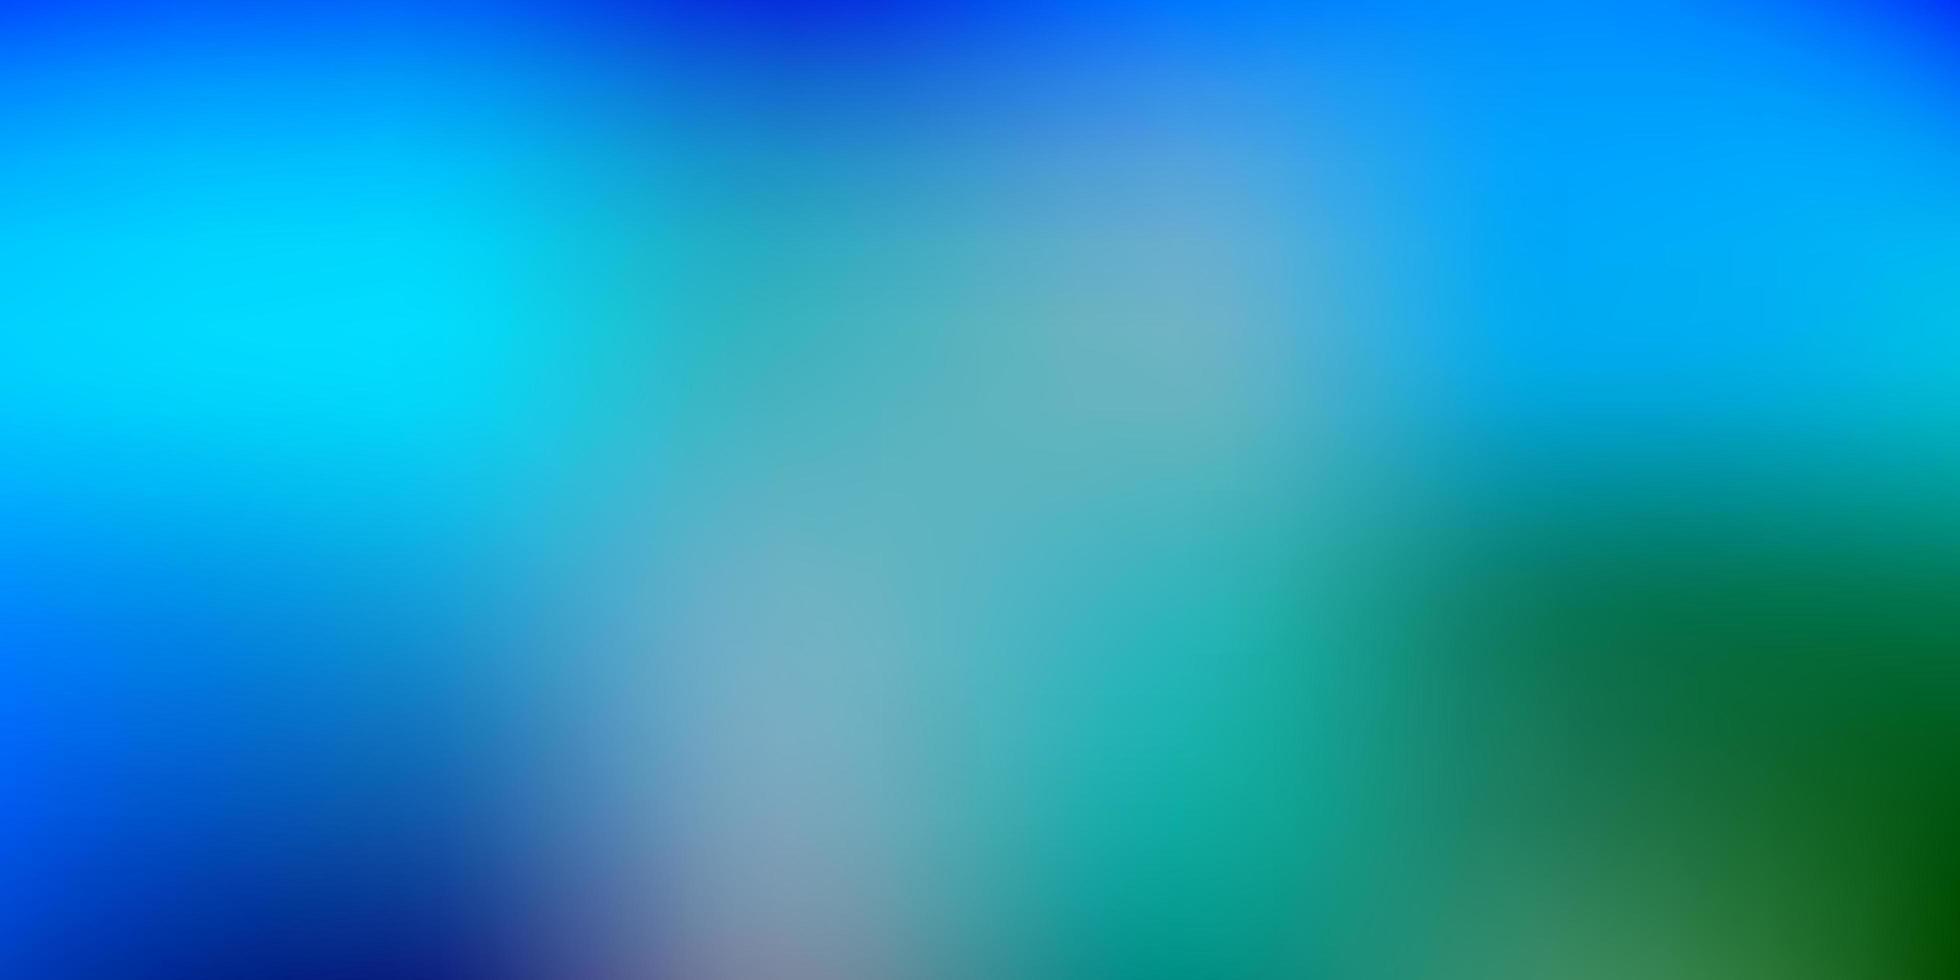 fundo de desfoque de vetor azul e verde claro.